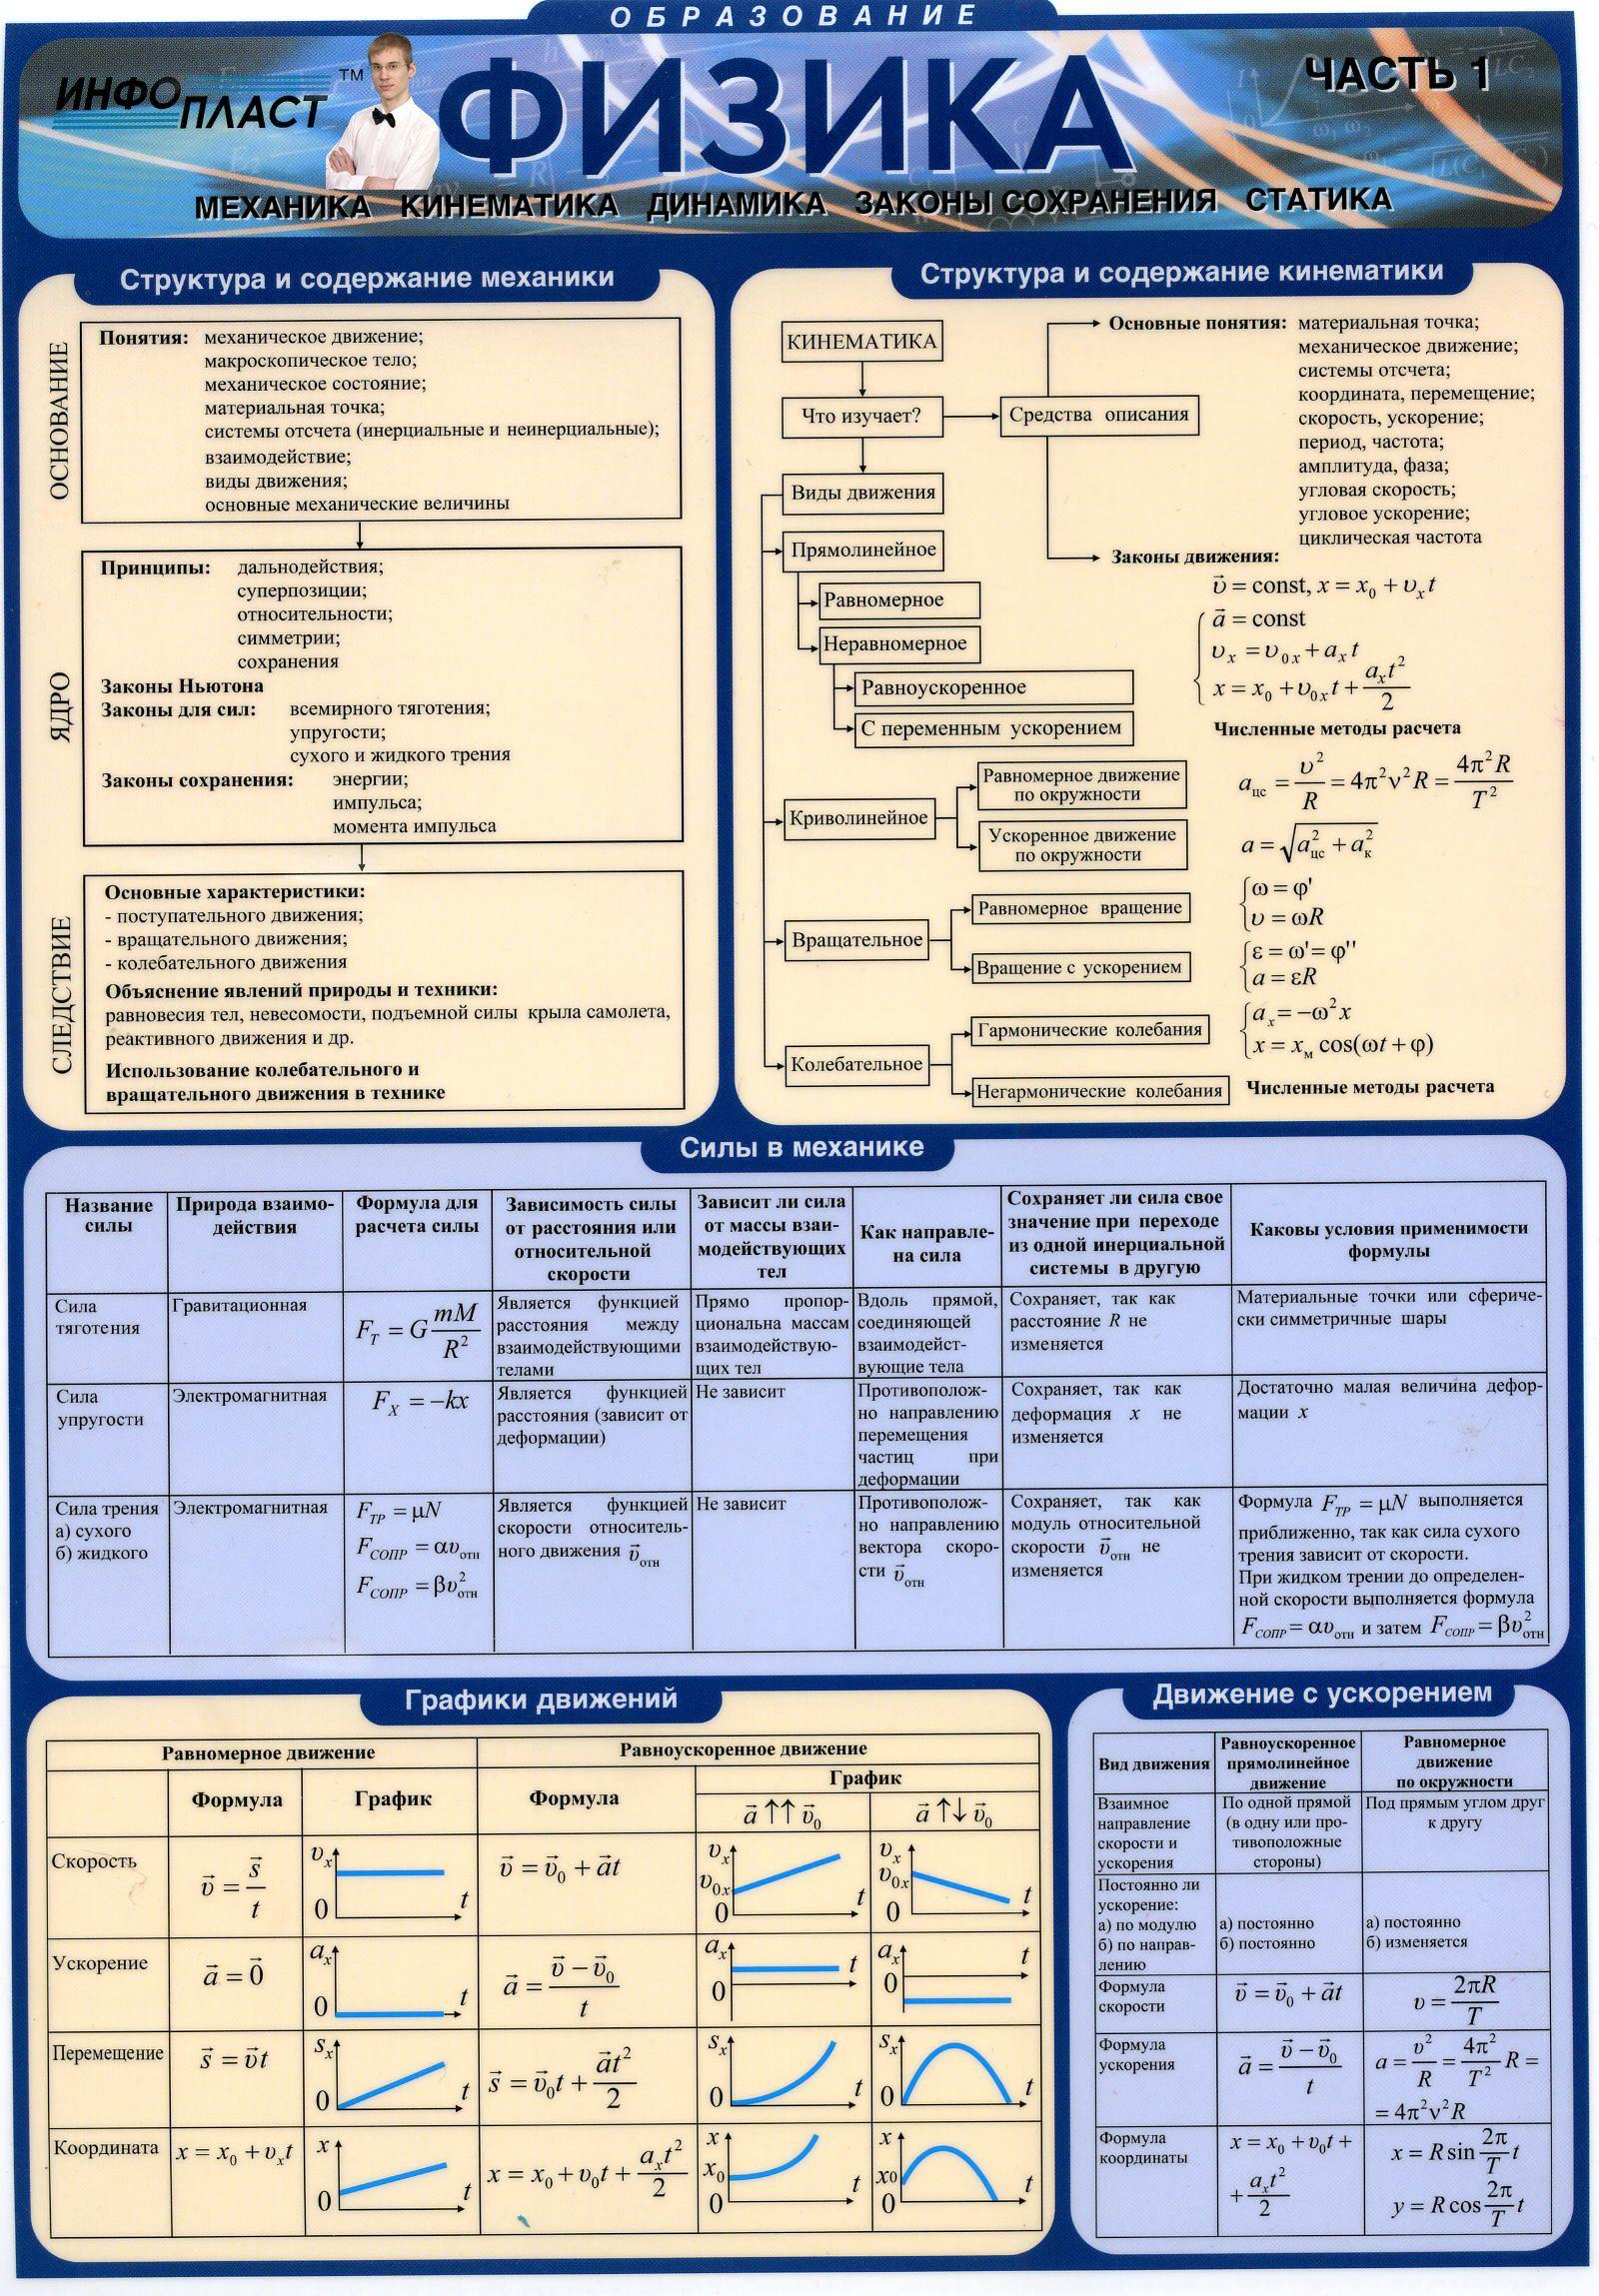 Спиши ру только 5 класс новый учебник новая программа по русскому языку номер дз